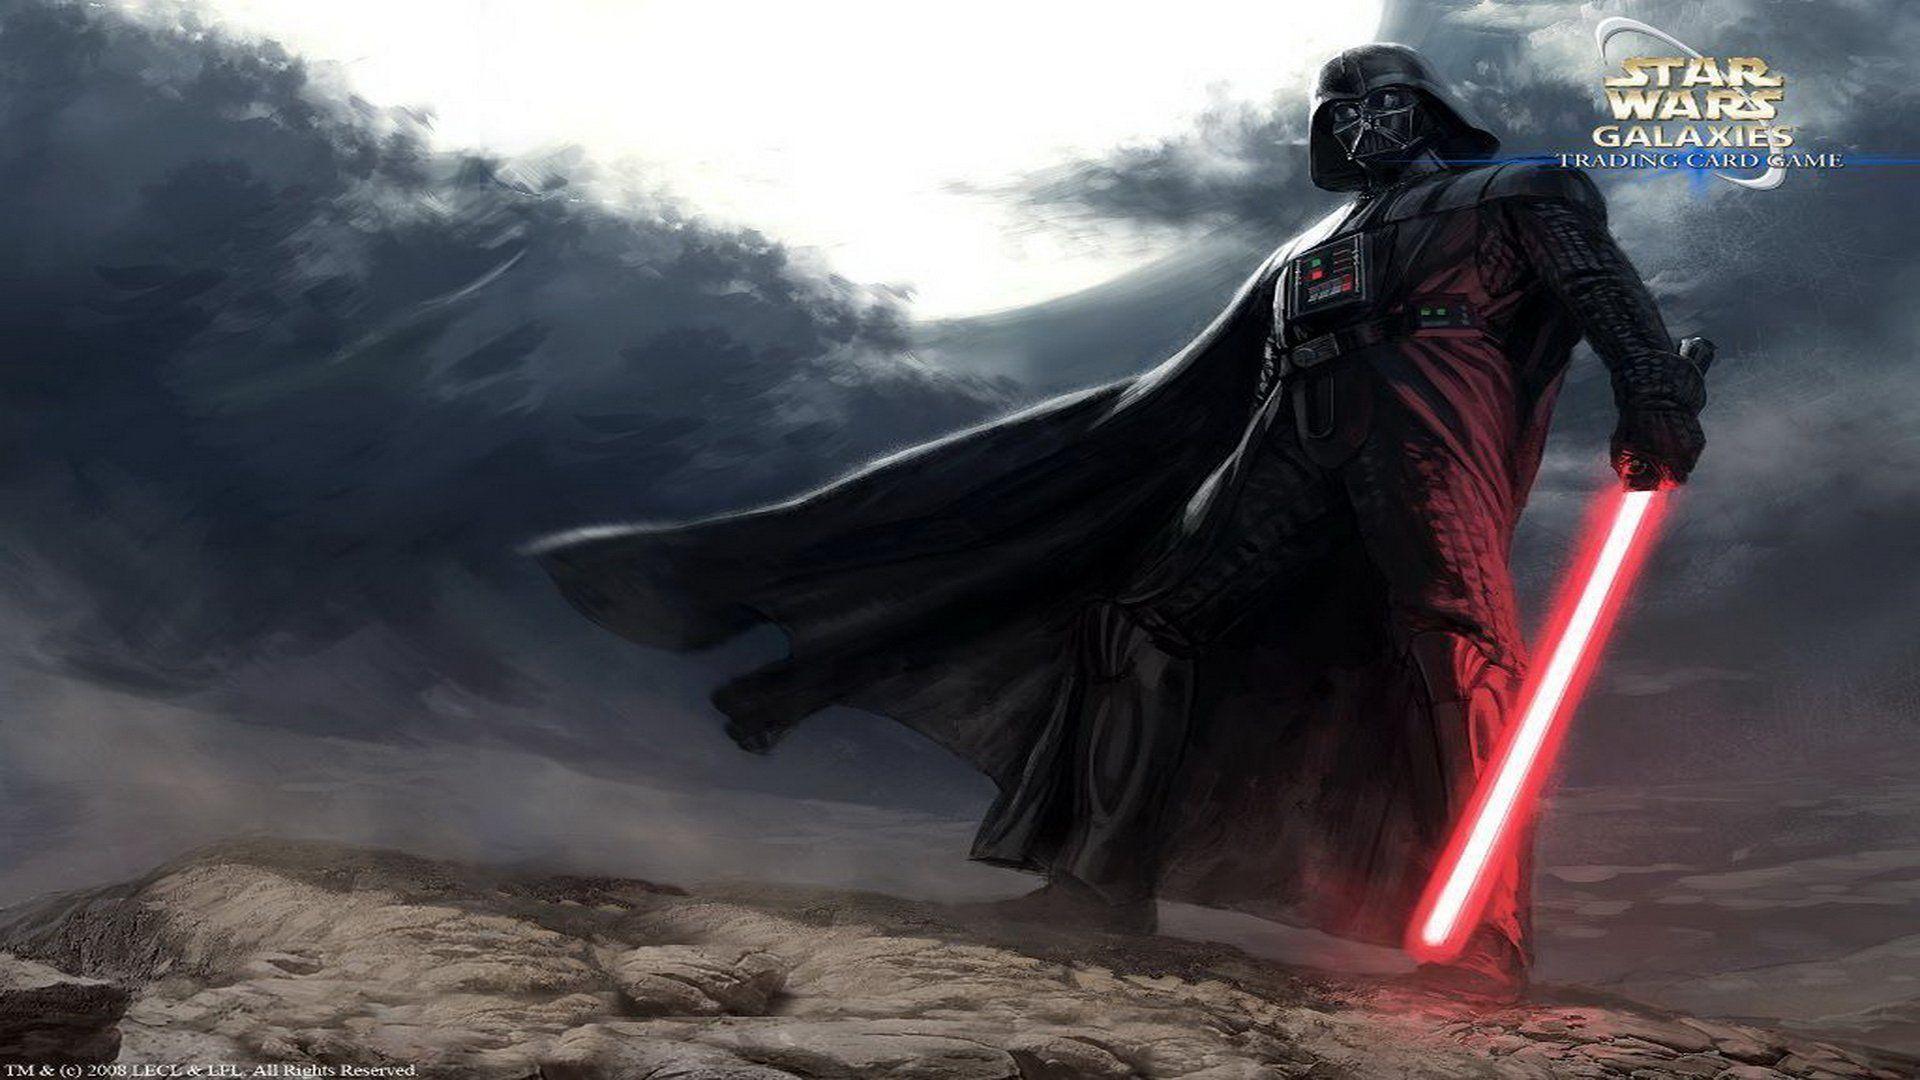 Star Wars Darth Vader Wallpaper » WallDevil